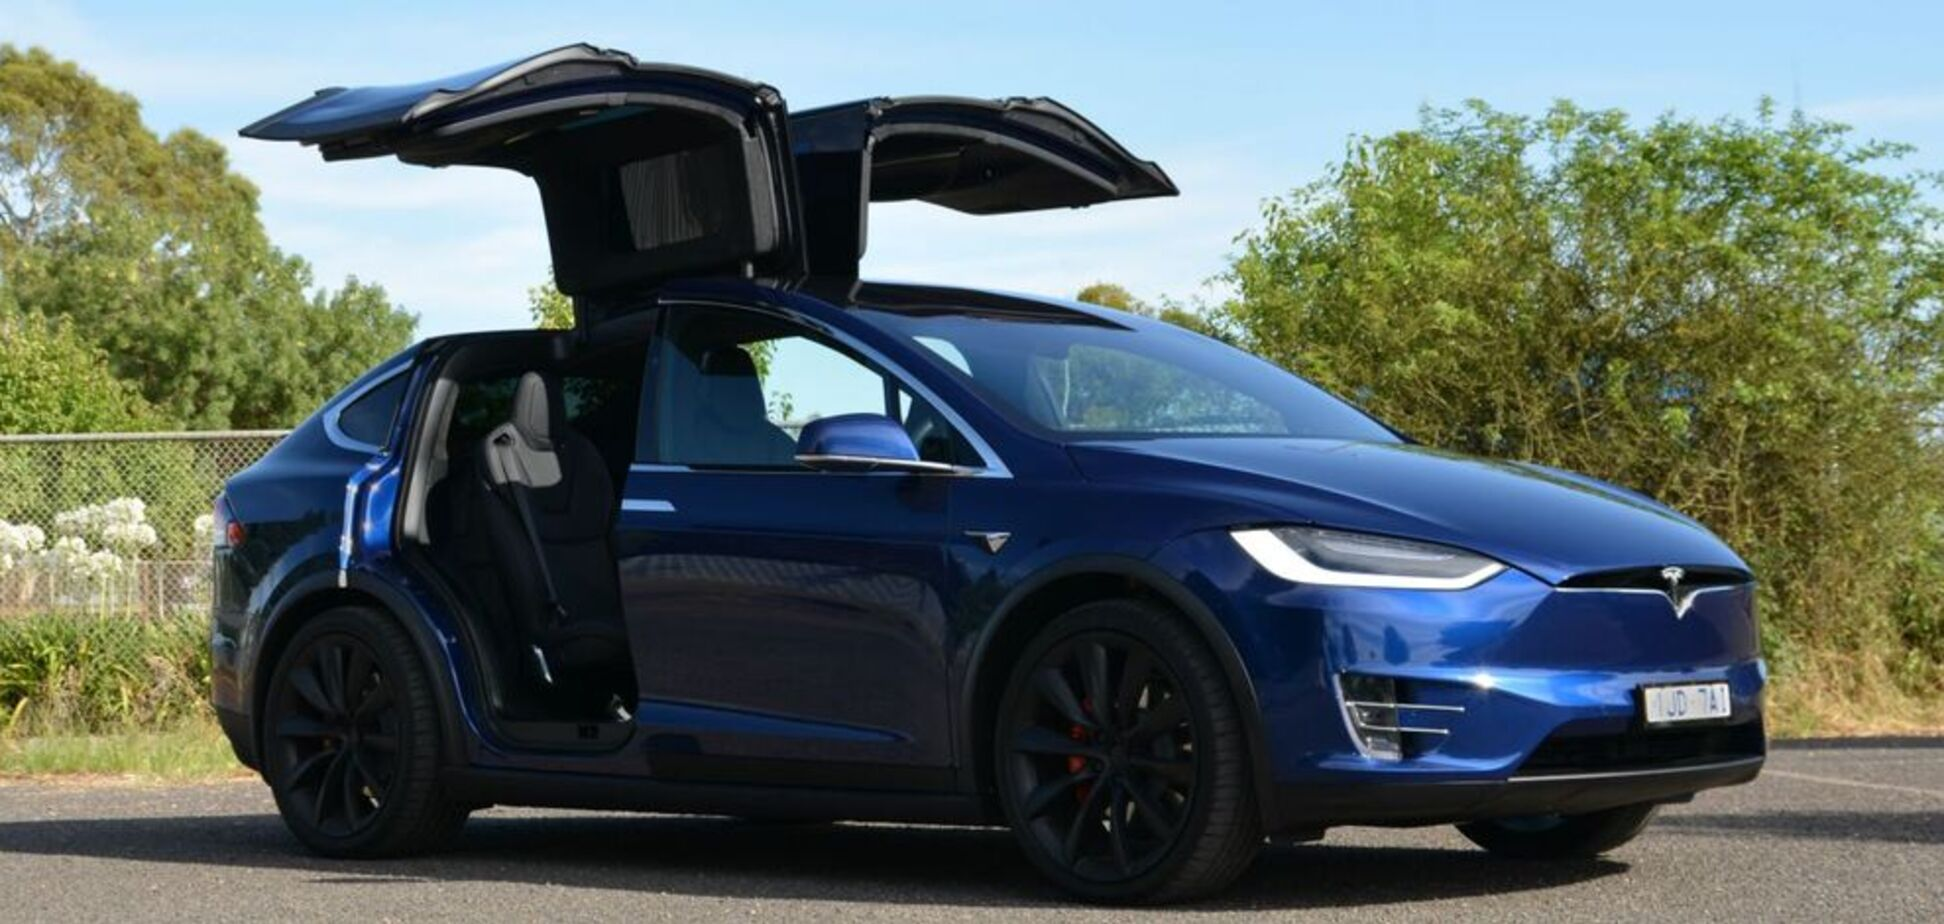 У Києві помітили топовий електрокар Tesla Model X: фото